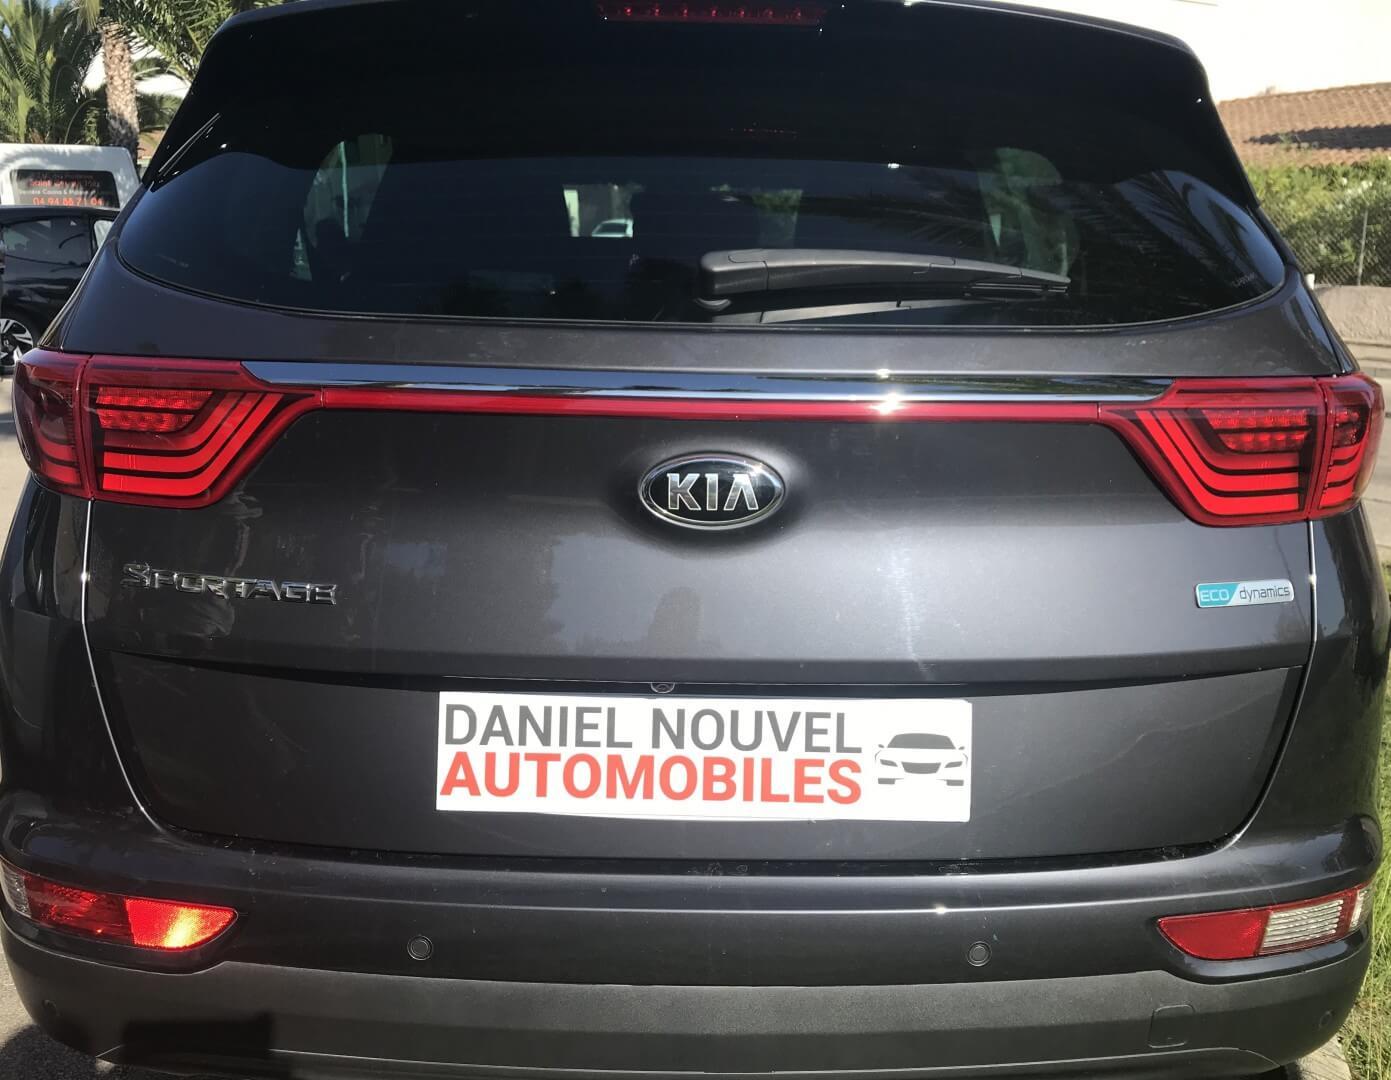 Achat et vente de voitures neuves ou d'occasions à Saint ...